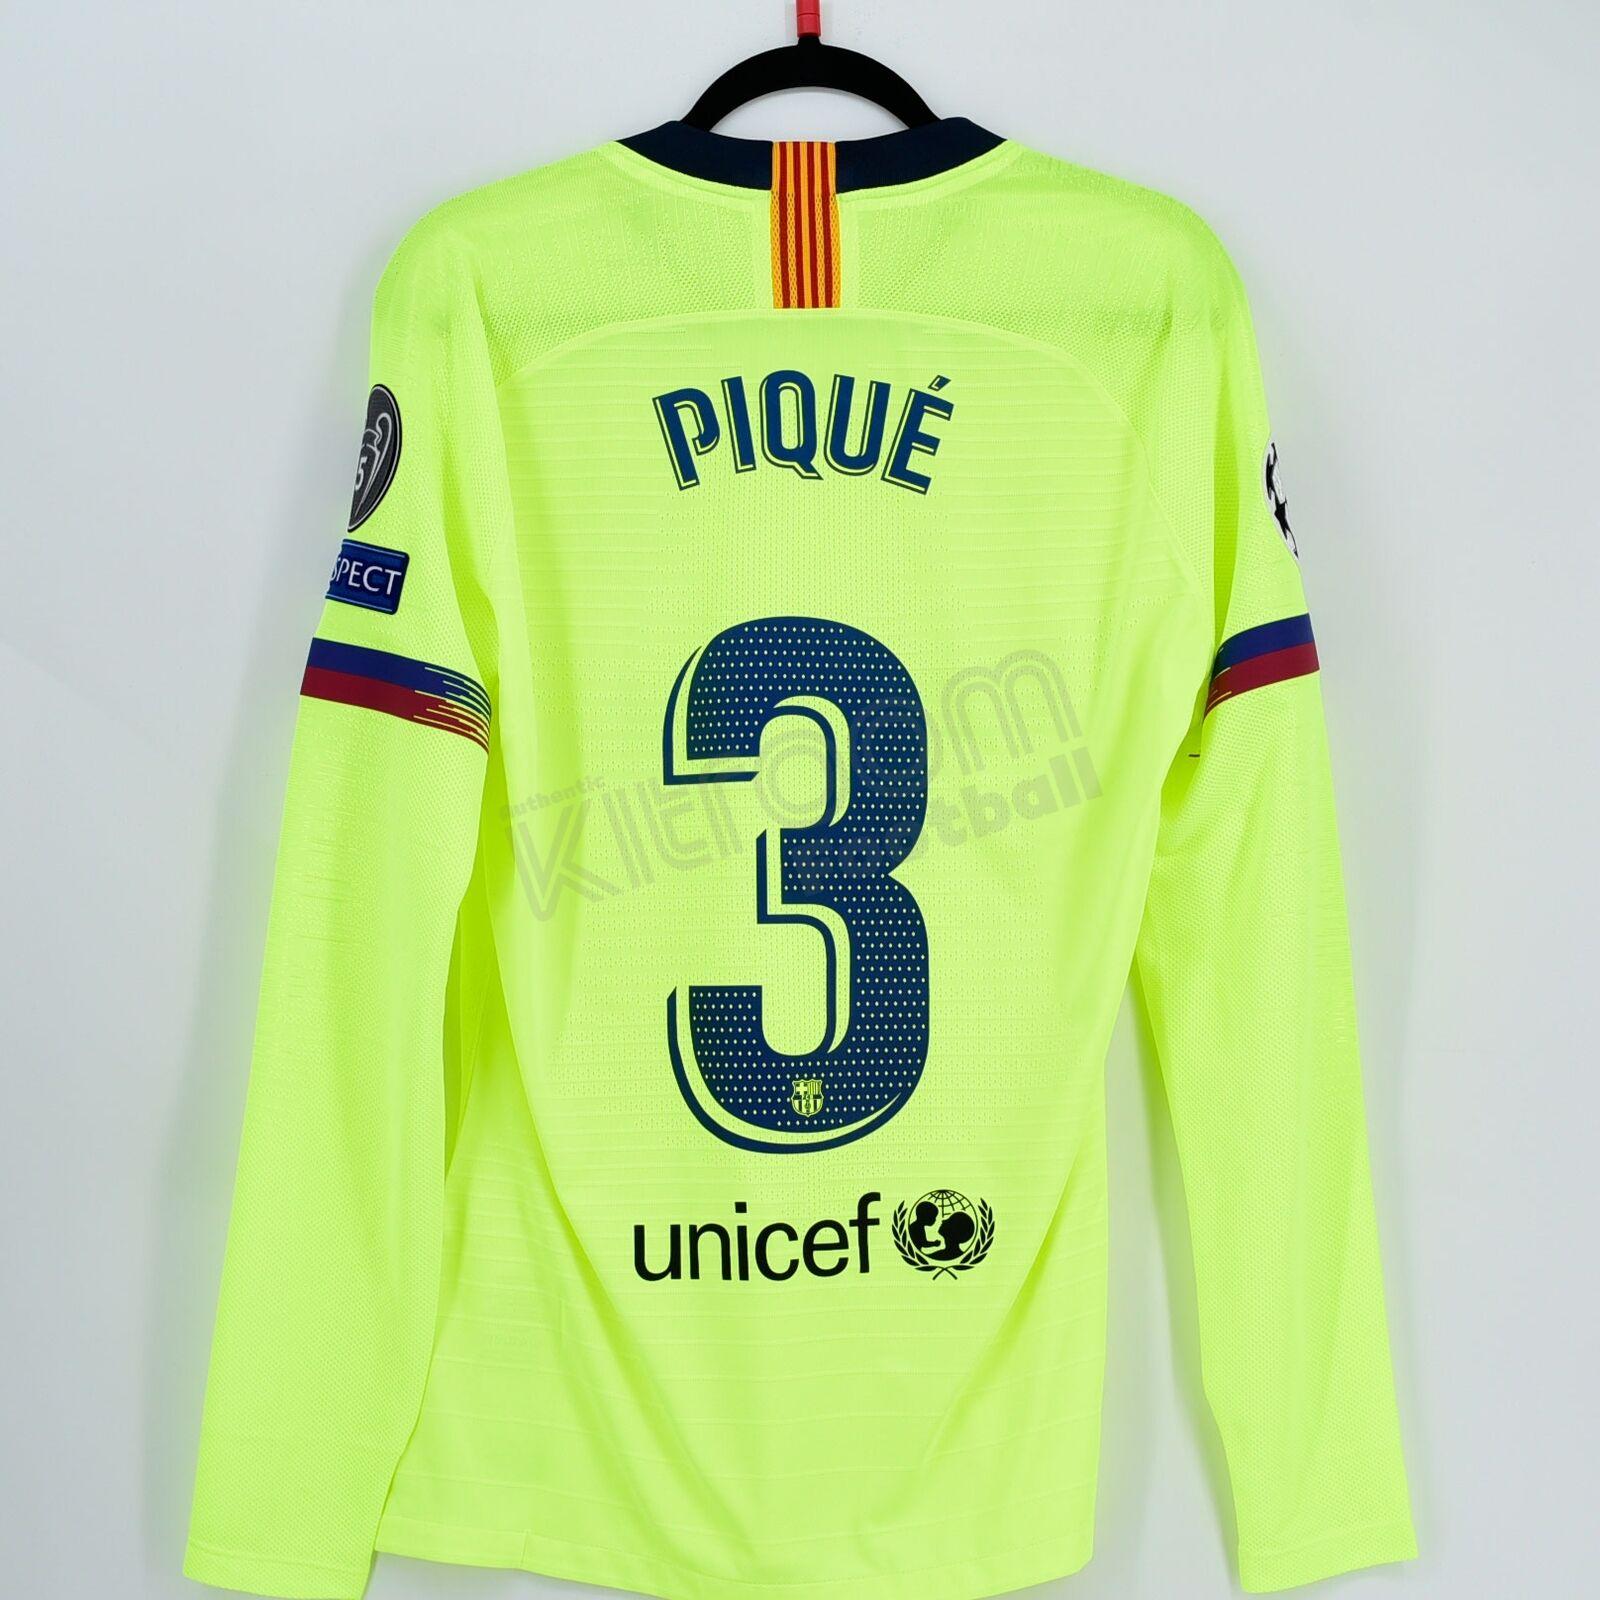 2018-19 Barcelona Player Issue Away Shirt  3 Piqué Champions League Match Un ...